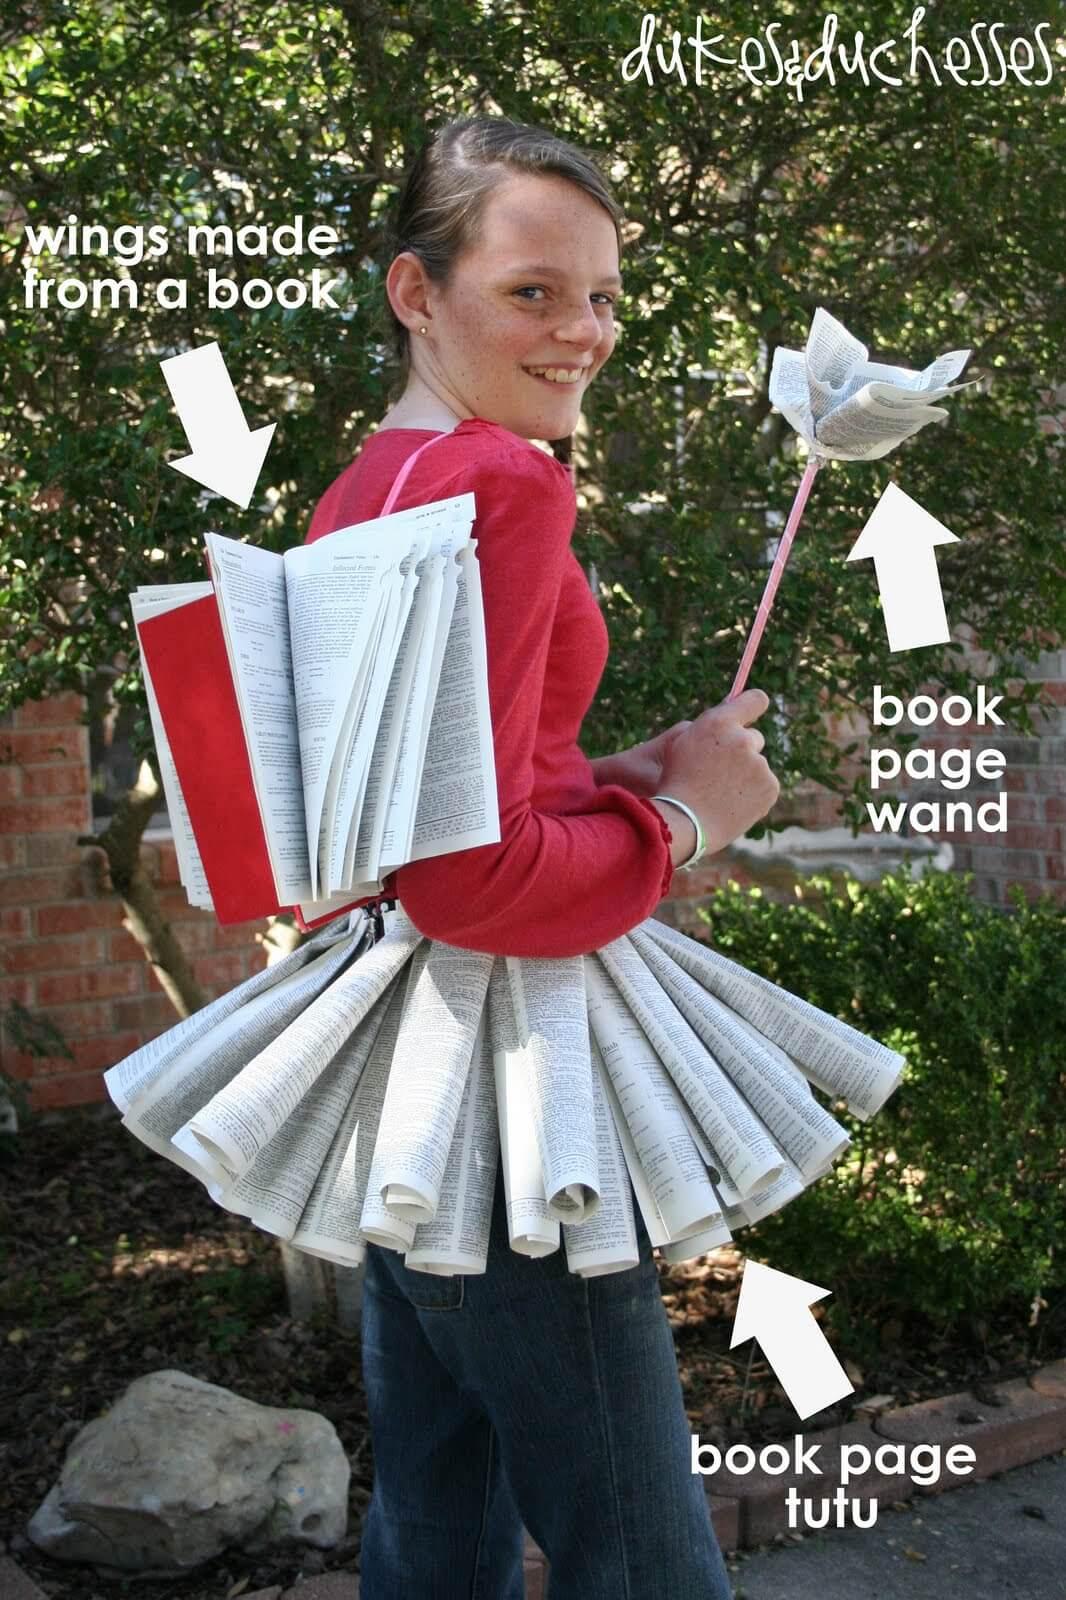 Костюм книги для сценки своими руками